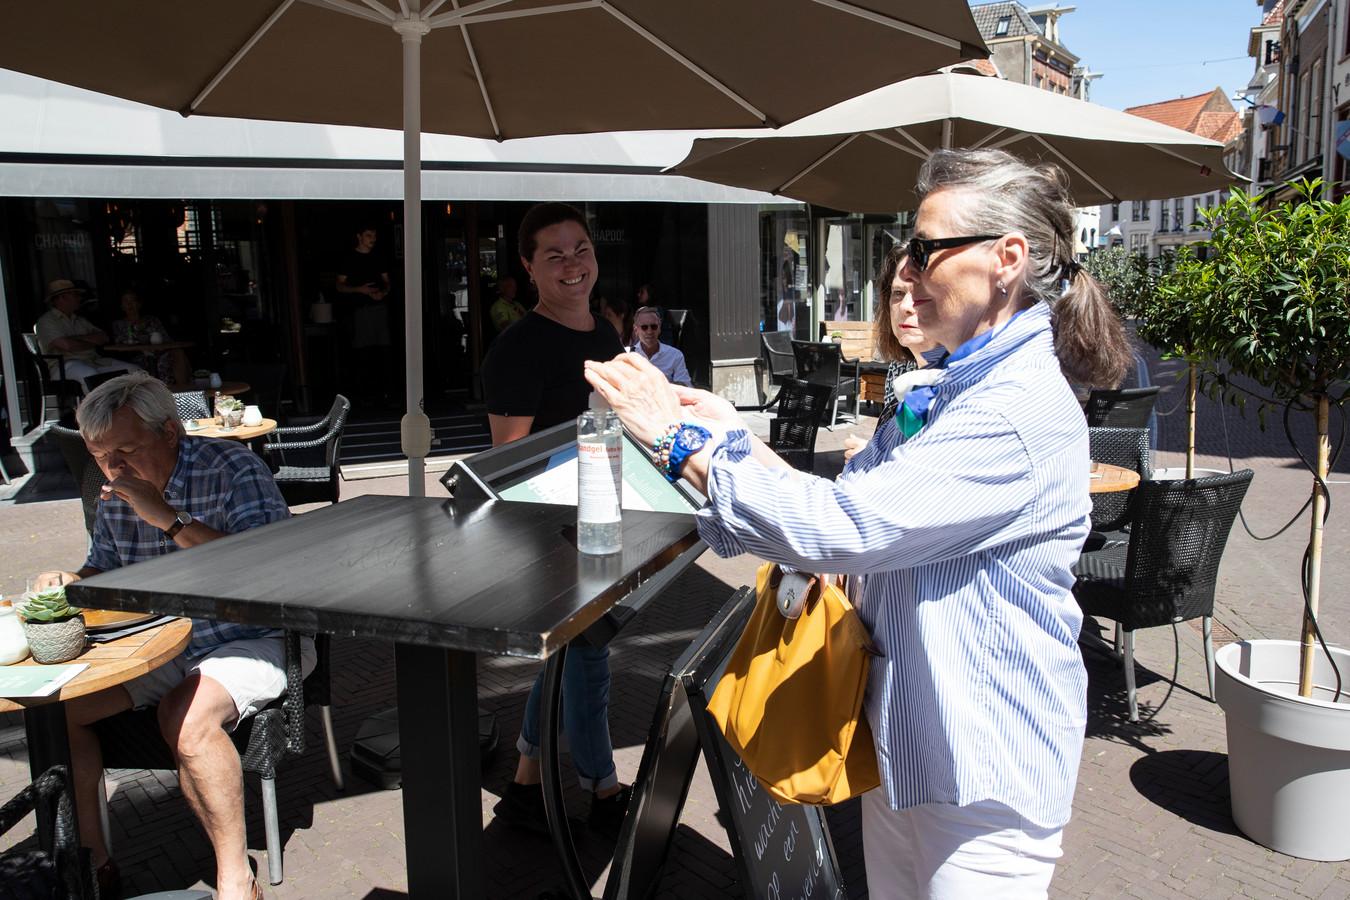 De horeca in Zutphen mag weer open. Bij Chapoo! staat Silja Dozeman klaar om de gasten te verwelkomen. Iedereen moet wel eerst de handen ontsmetten voordat ze gebruik kunnen maken van het terras.